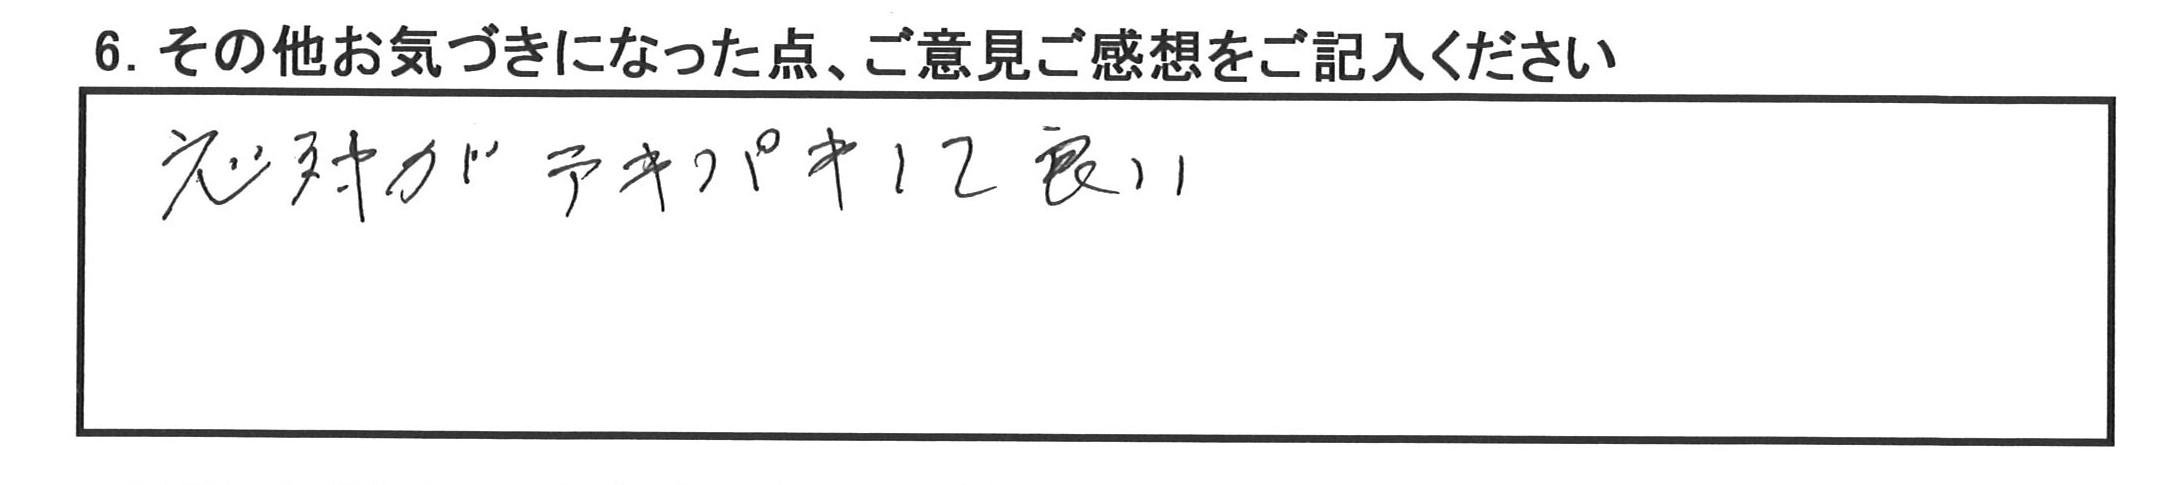 トヨタ プログレの横浜市 I 様より、うれしいお声をいただきました